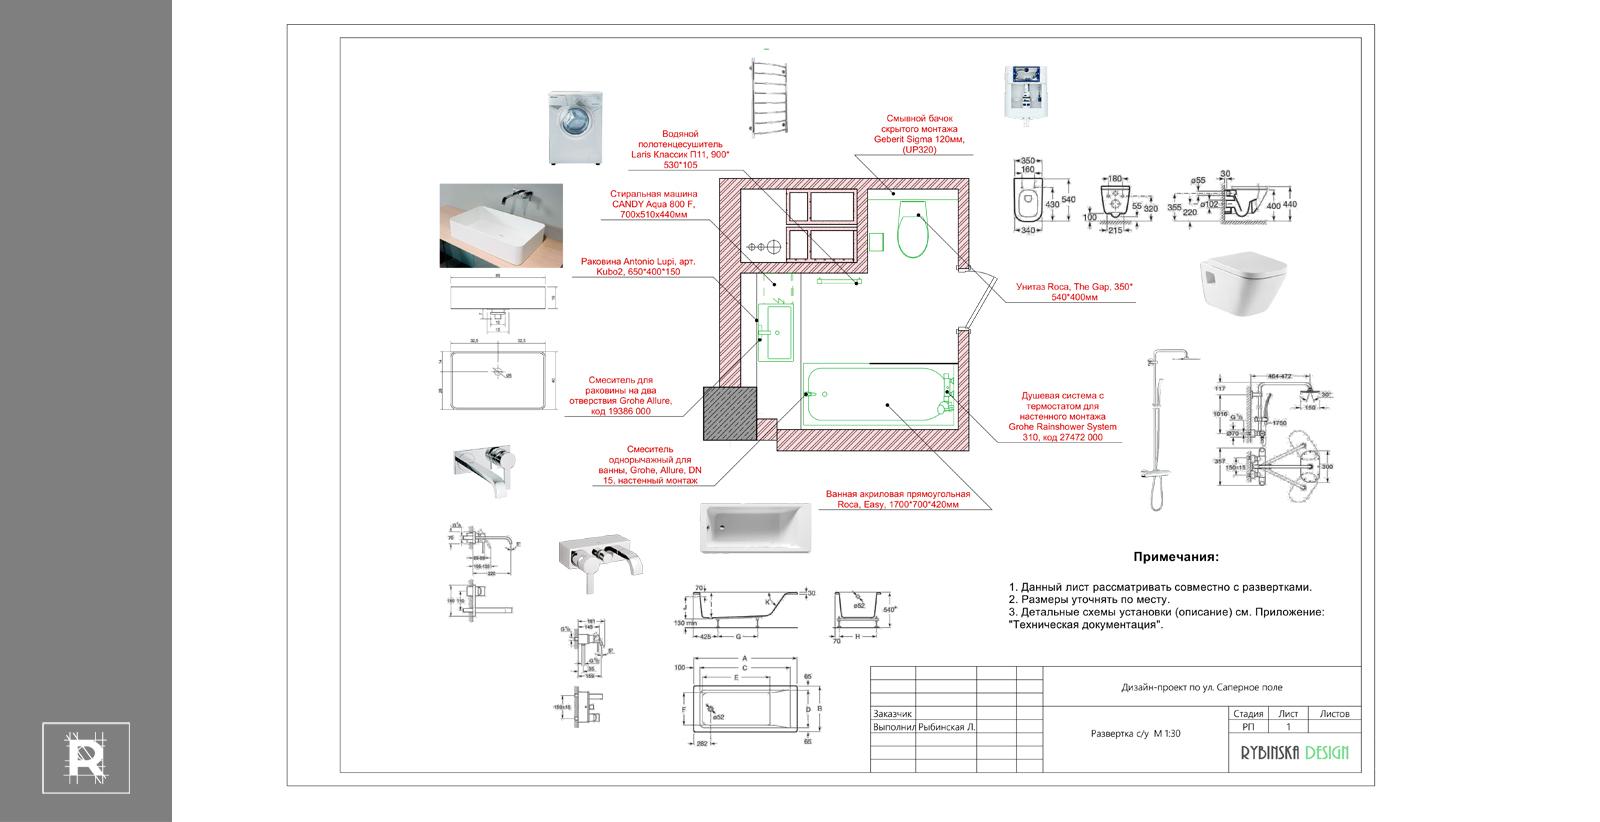 Пример - План размещения сантехнических приборов